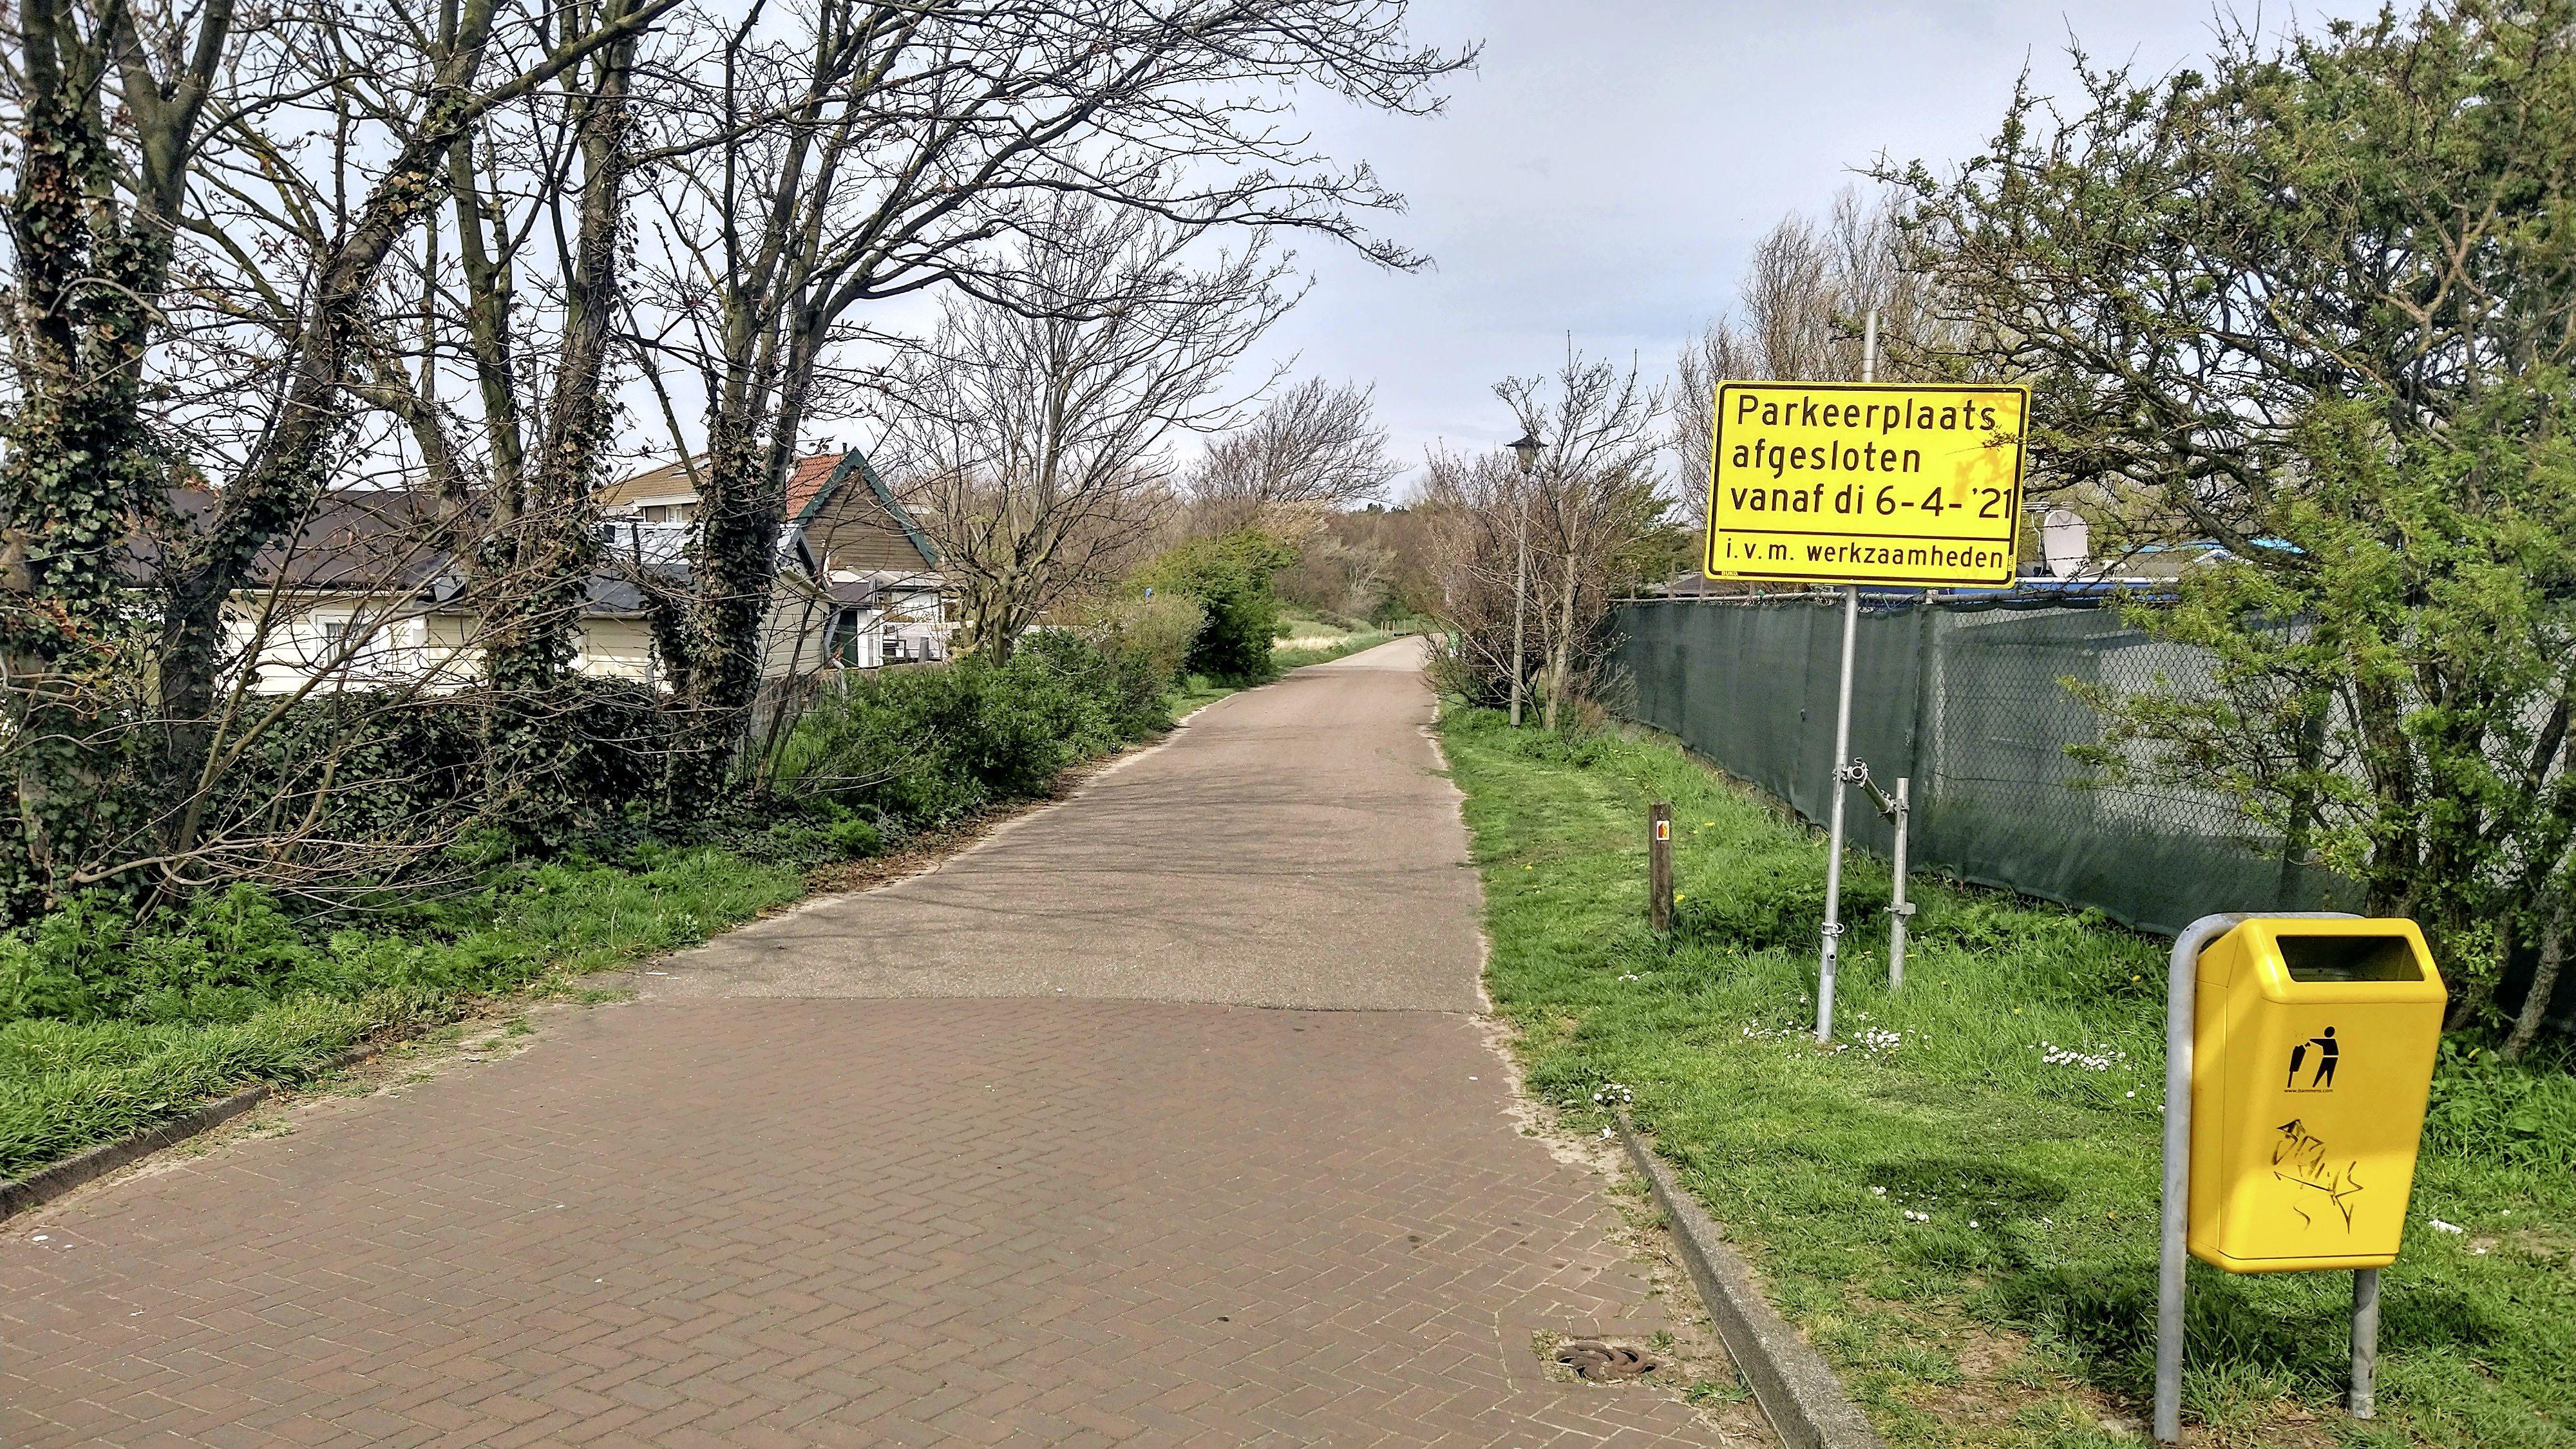 Vinden van vervangende parkeerruimte voor PWN-parkeerplaats Meeuweweg in Wijk aan Zee is zó ingewikkeld. 'Voor we het wisten waren er al weken verloren', zegt PWN